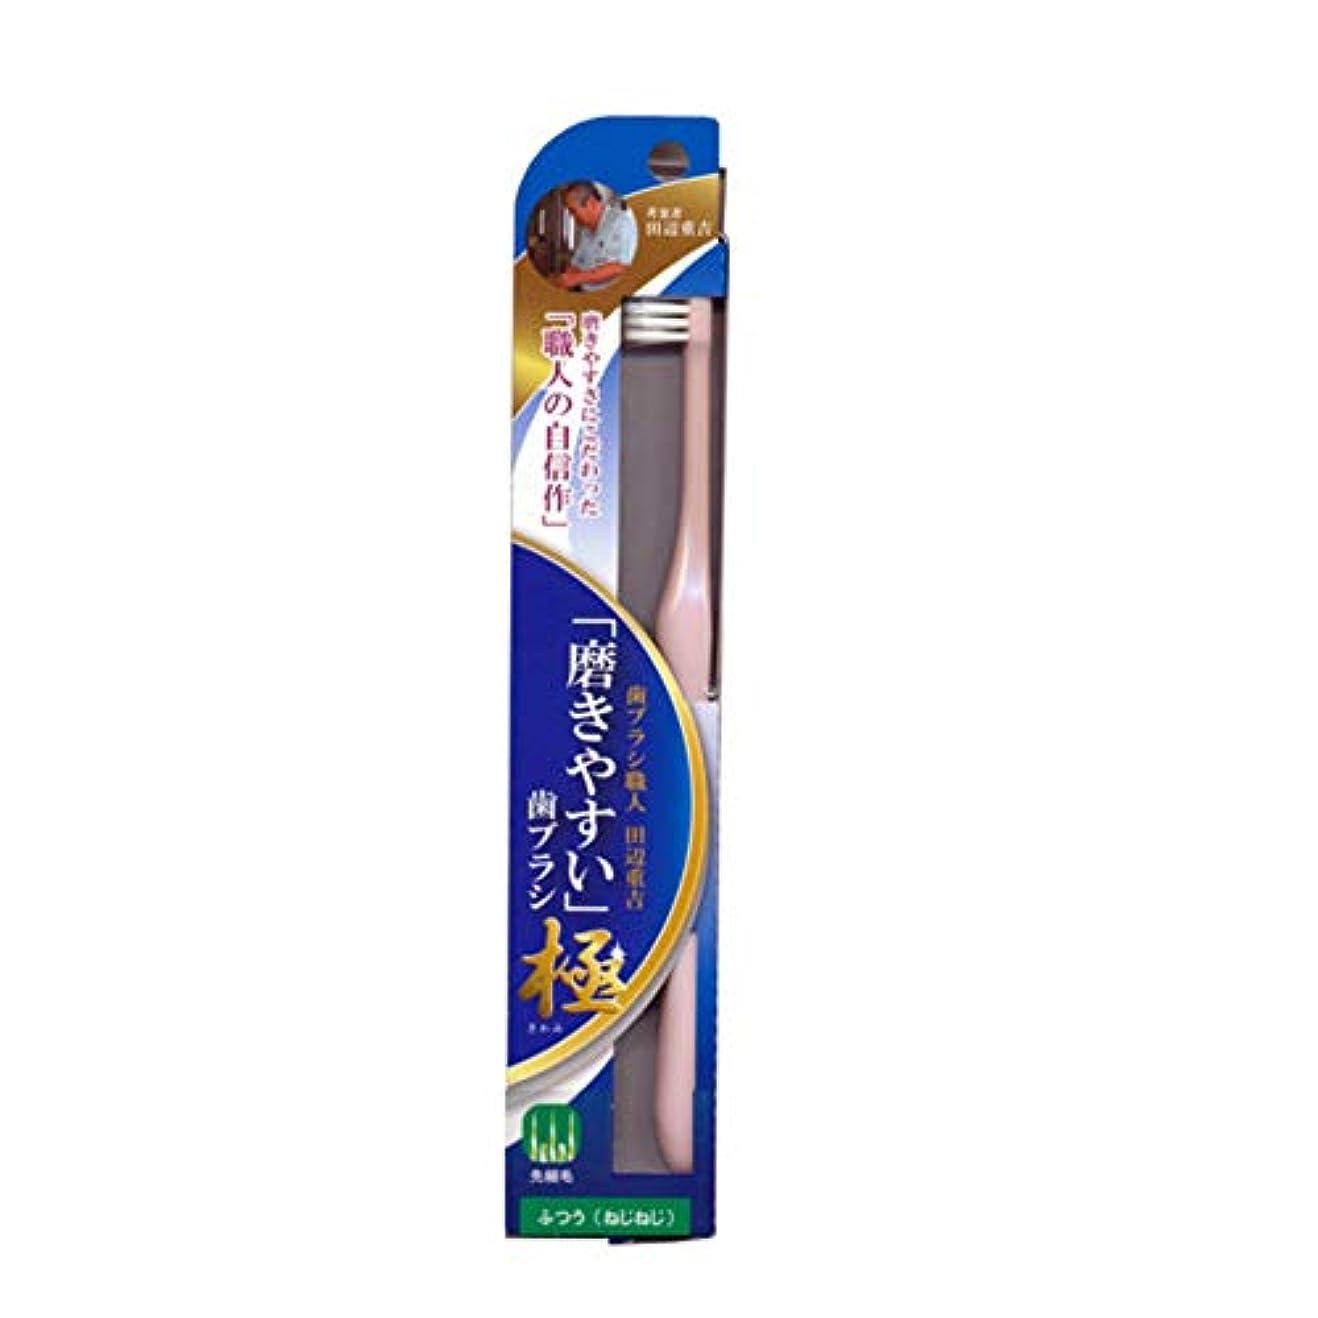 入力包囲納税者磨きやすい歯ブラシ極 (ふつう ねじねじ) LT-45 先細毛(色選択不可)